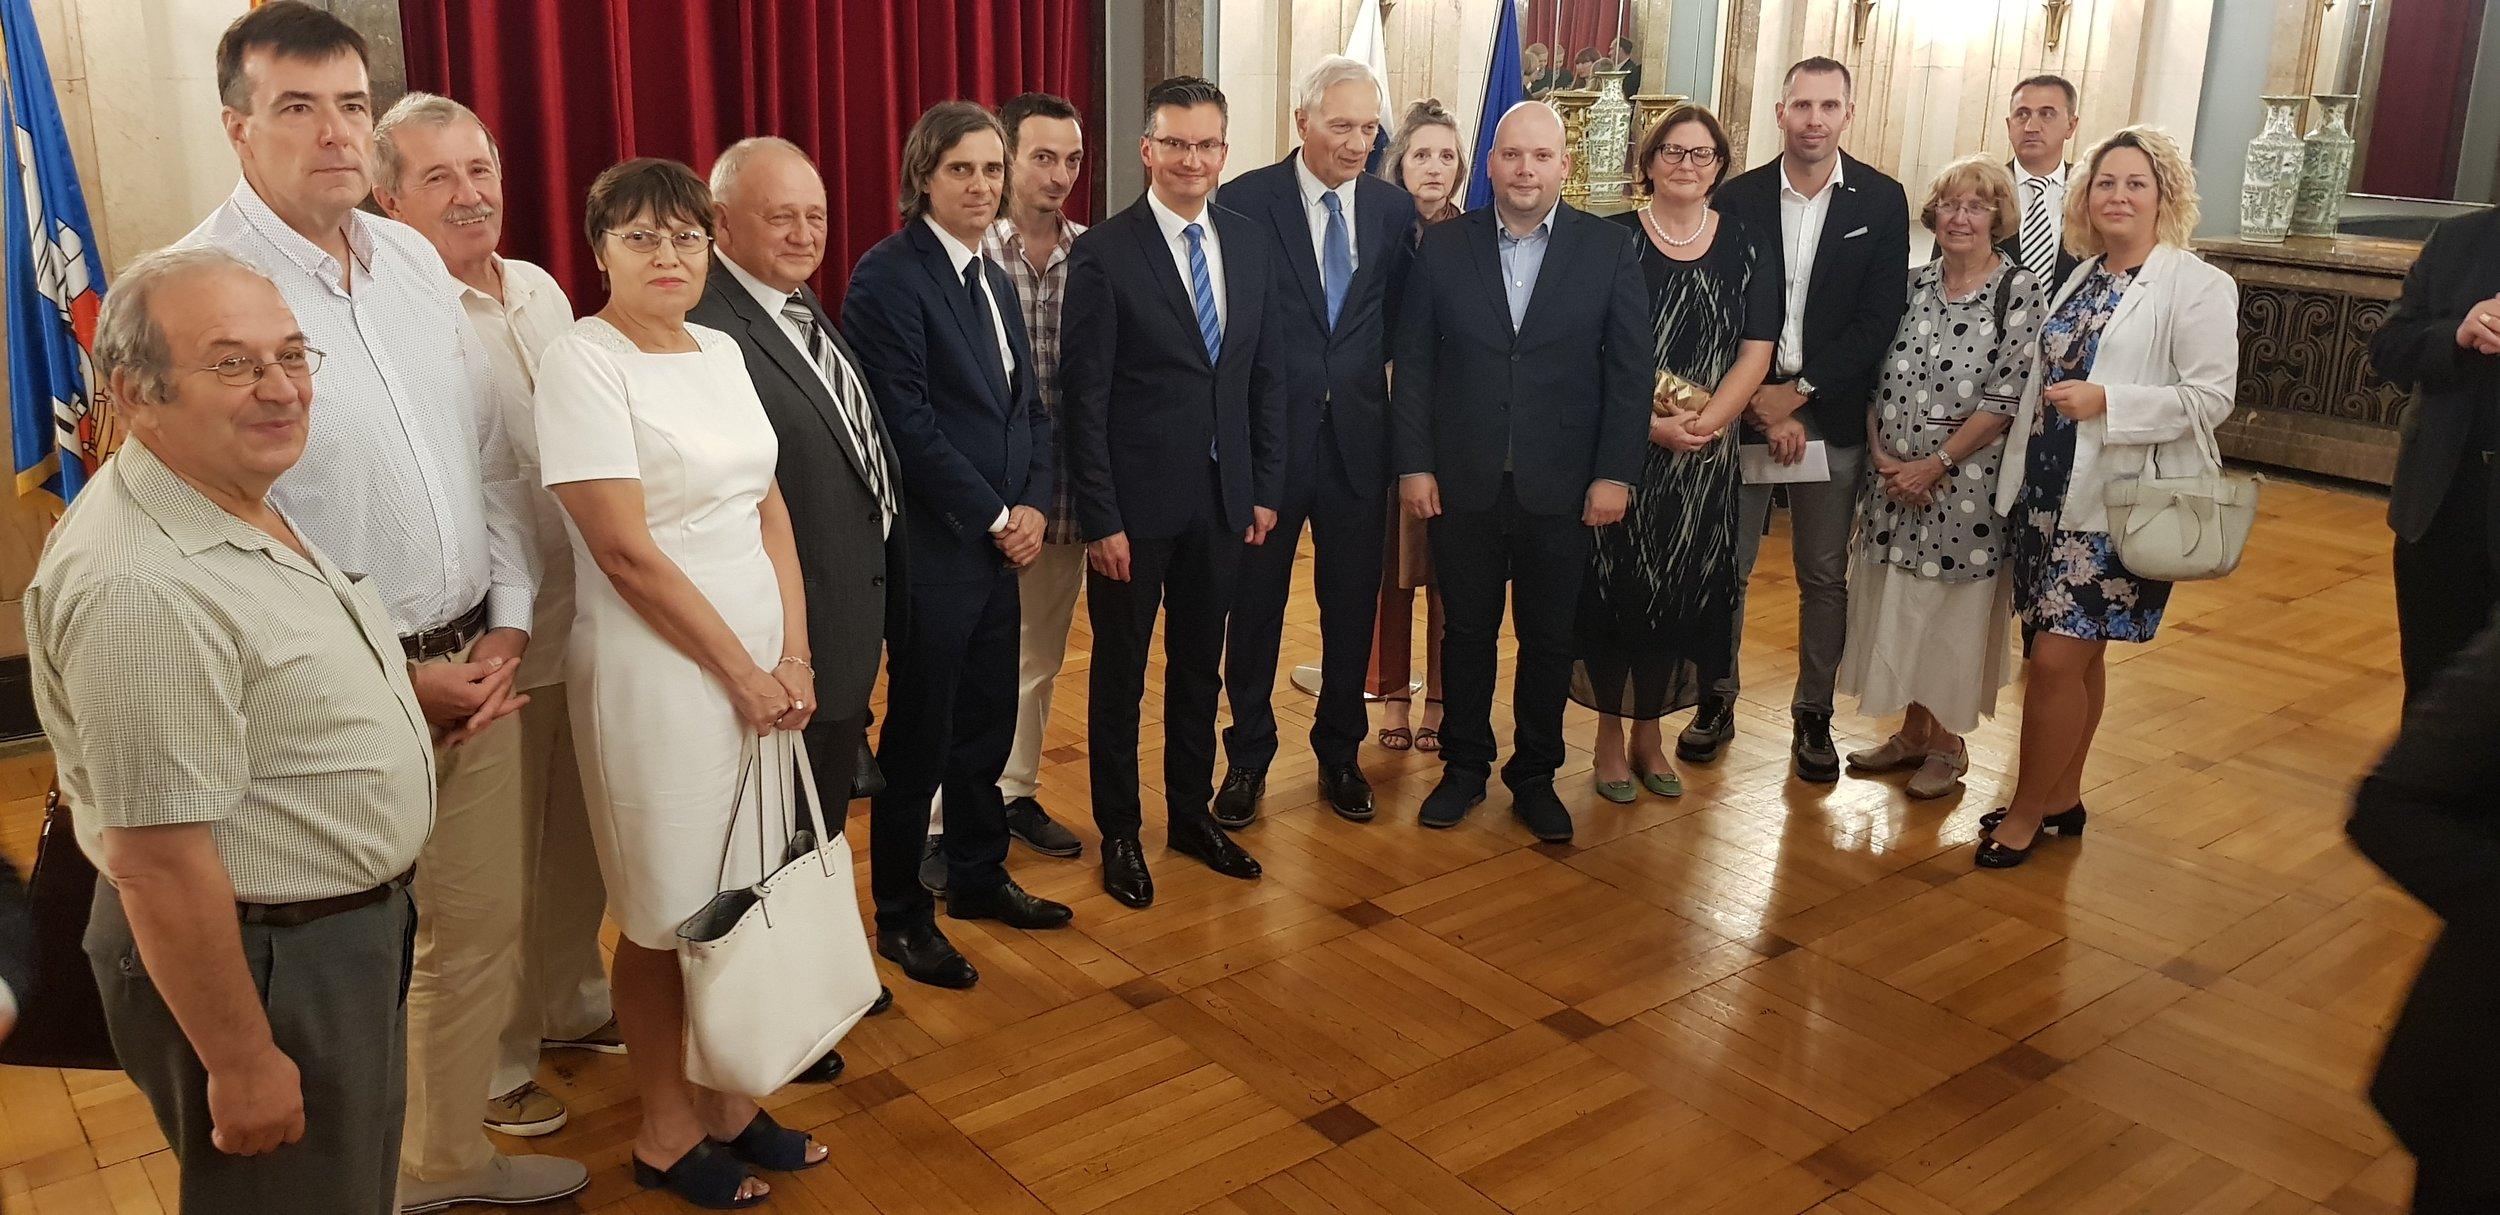 Obisk Predsednika Vlade Marjana Šareca v Beogradu